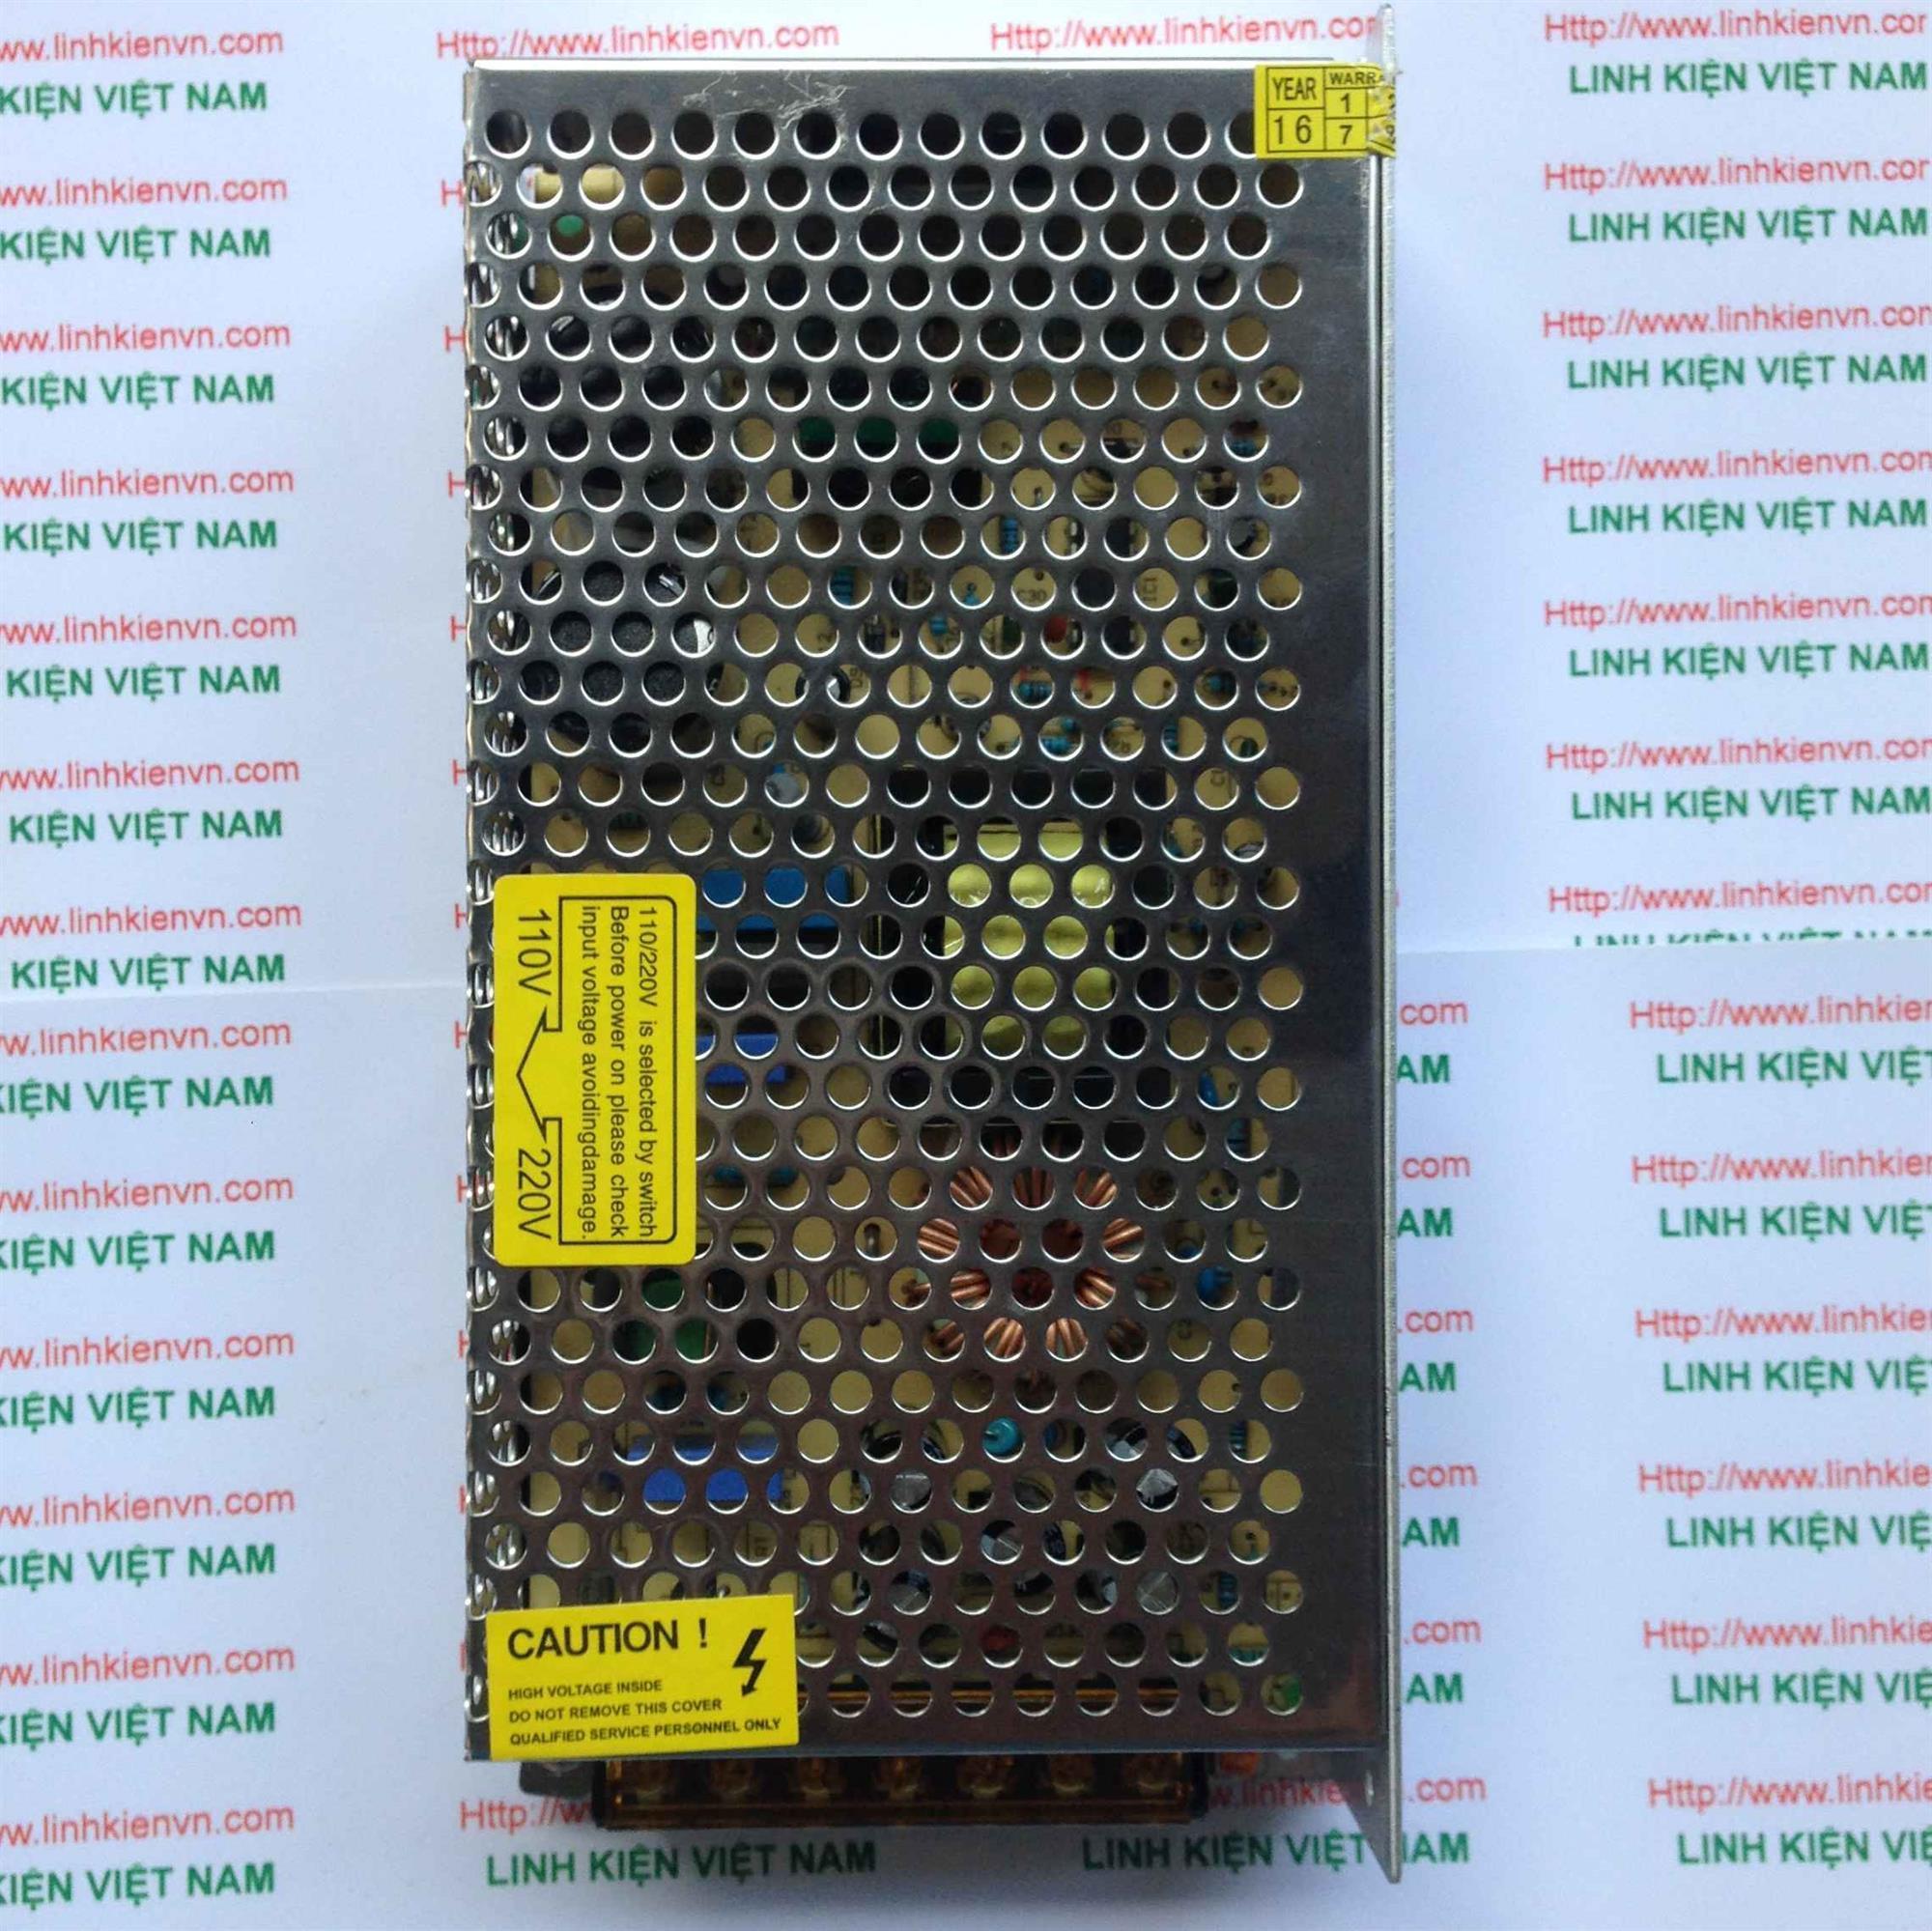 Nguồn tổ ong 12V 10A / Nguồn 12V 10A - KB5H2